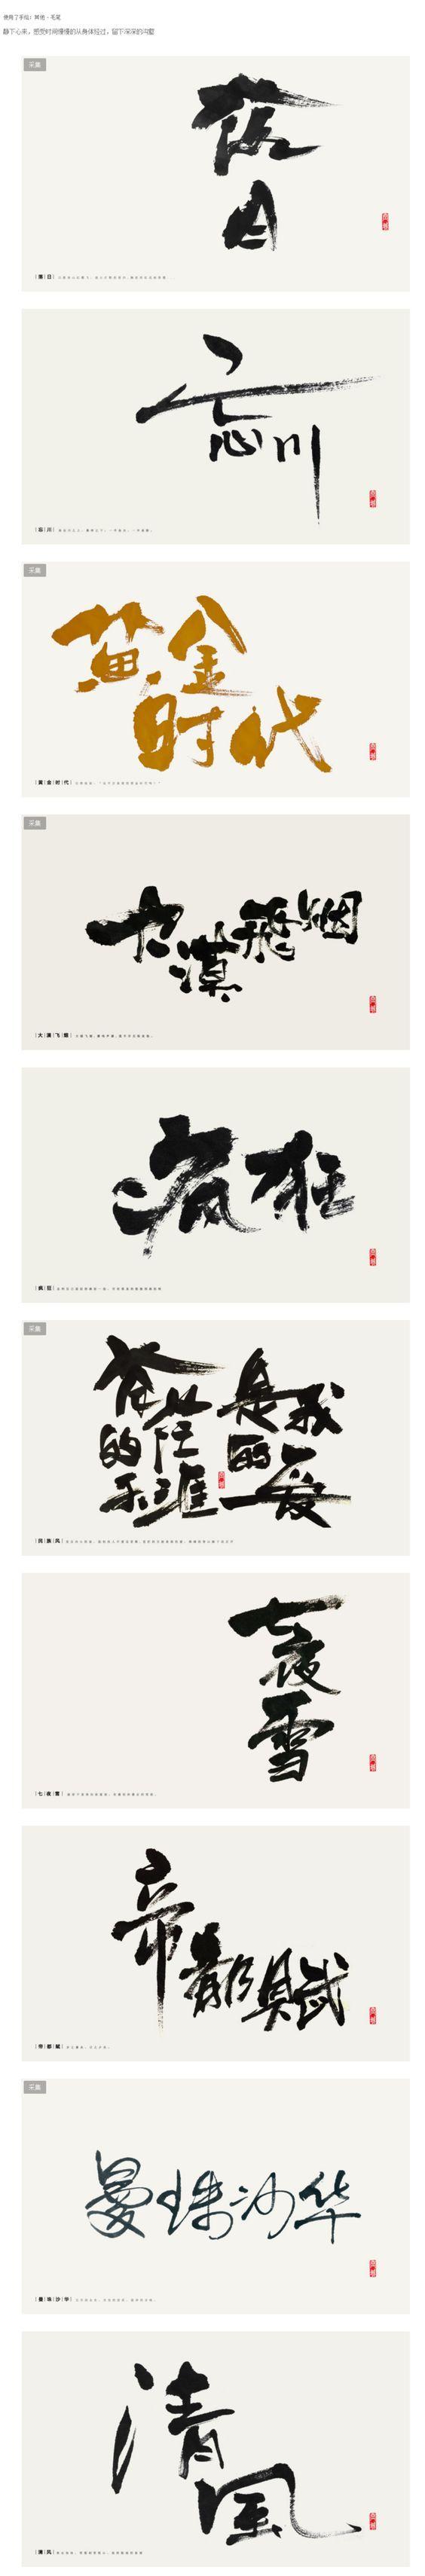 < 粗犷 > 疯狂着 、细腻着|字体/字...@LeungSan采集到字体设计(106图)_花瓣平面设计: